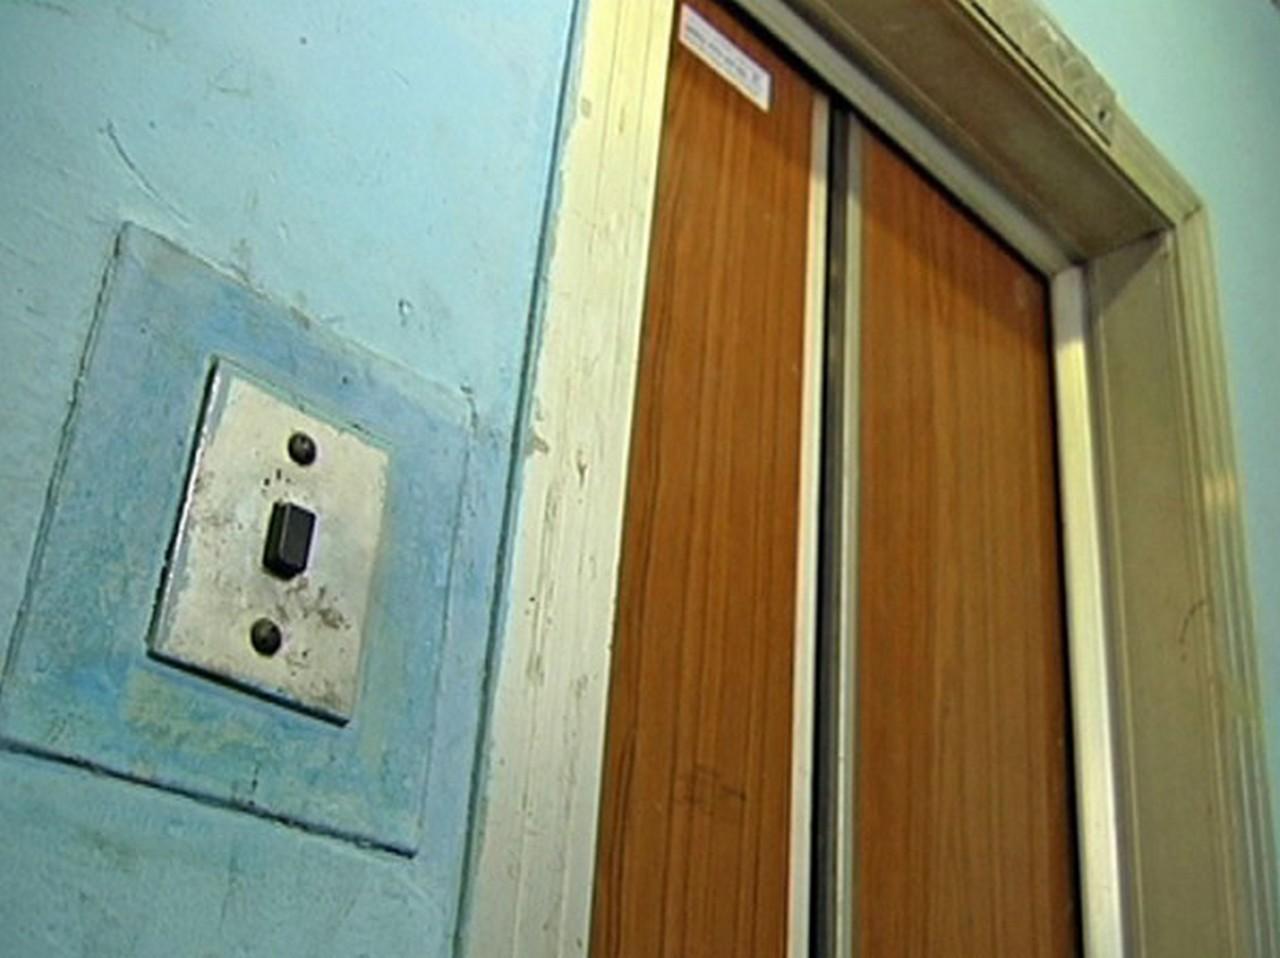 Наступного року в багатоповерхівках Мукачева капітально відремонтують 15 ліфтів: перелік адрес